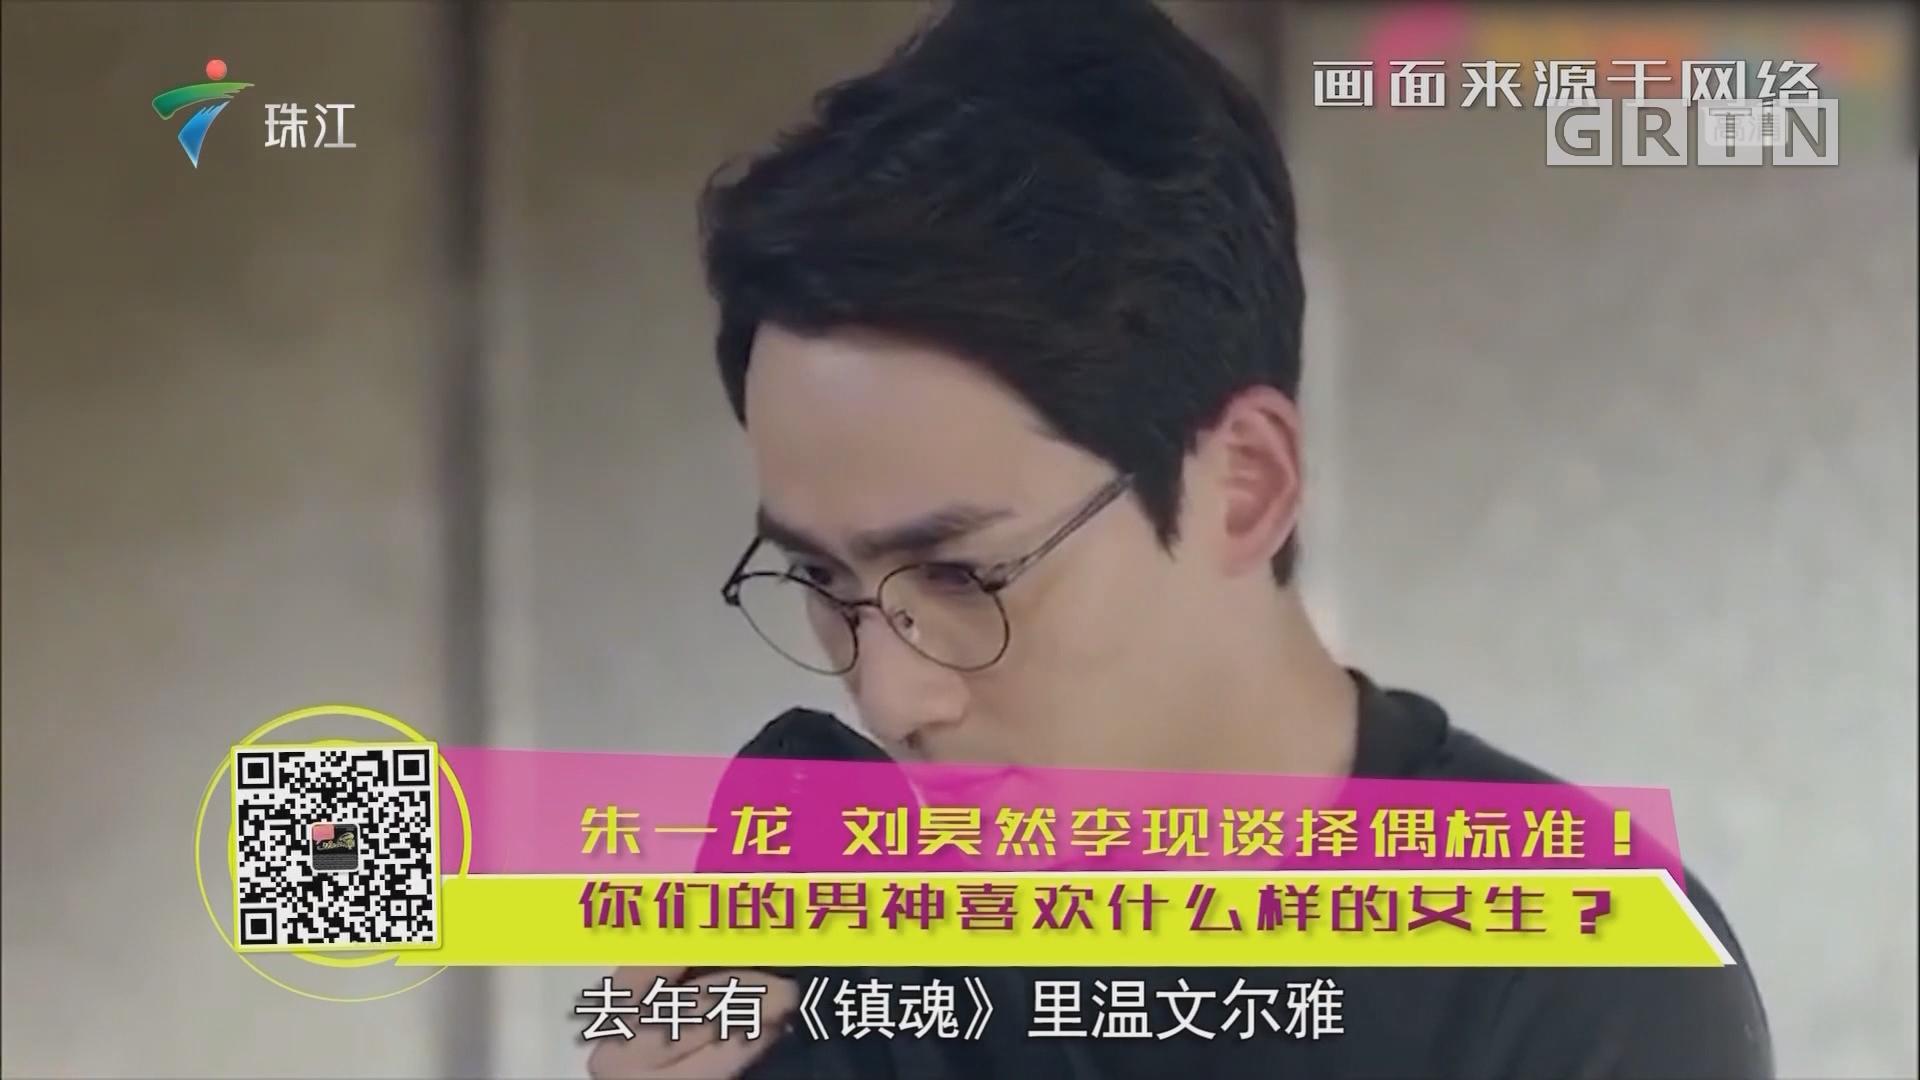 朱一龍 劉昊然李現談擇偶標準!你們的男神喜歡什么樣的女生?